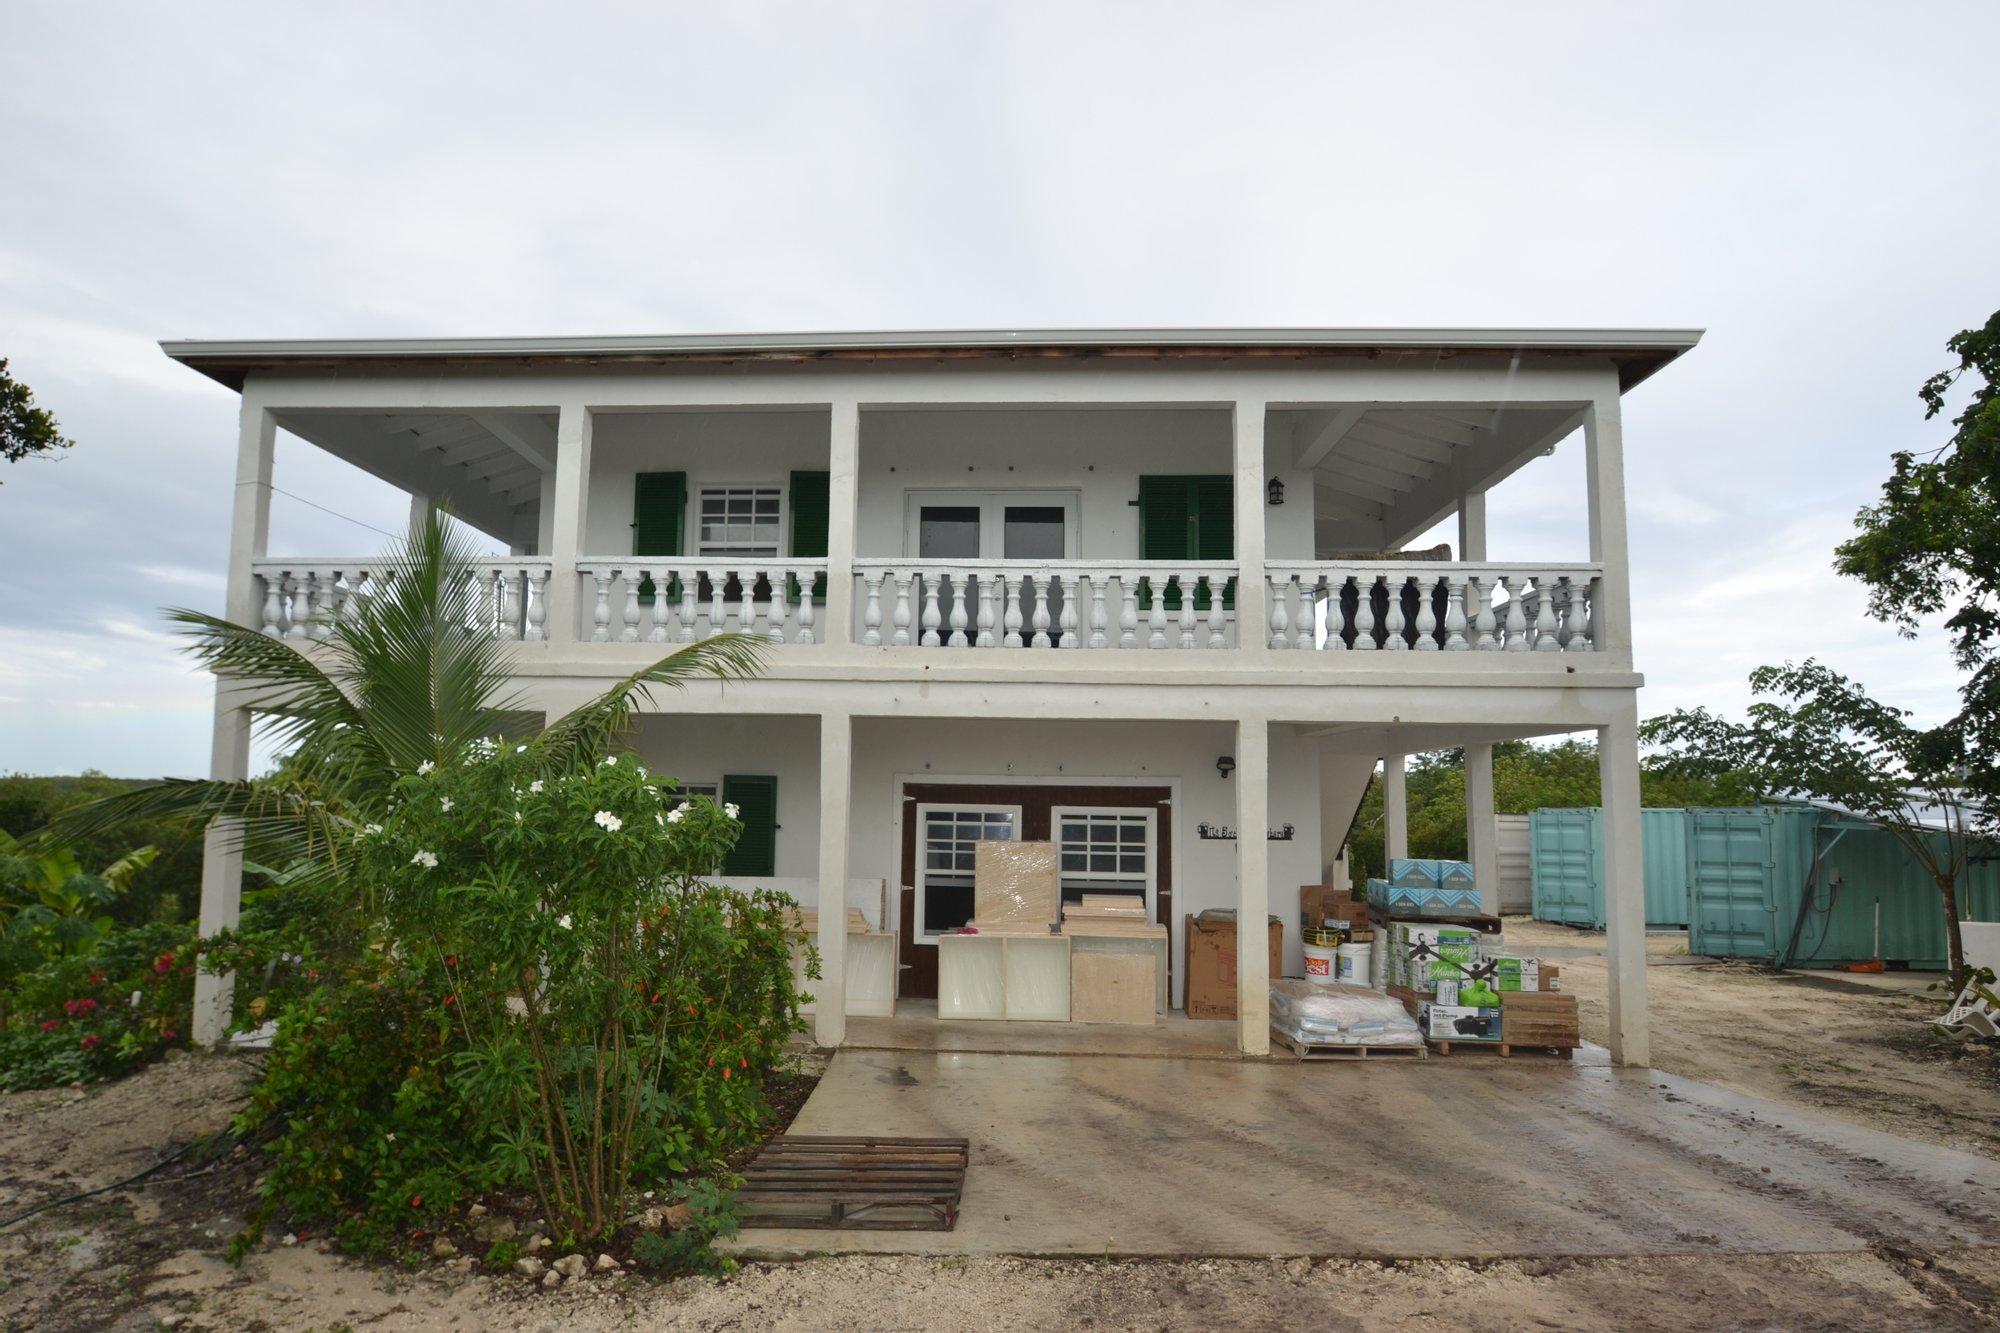 Haus in North Caicos, Turks- und Caicosinseln 1 - 11254956